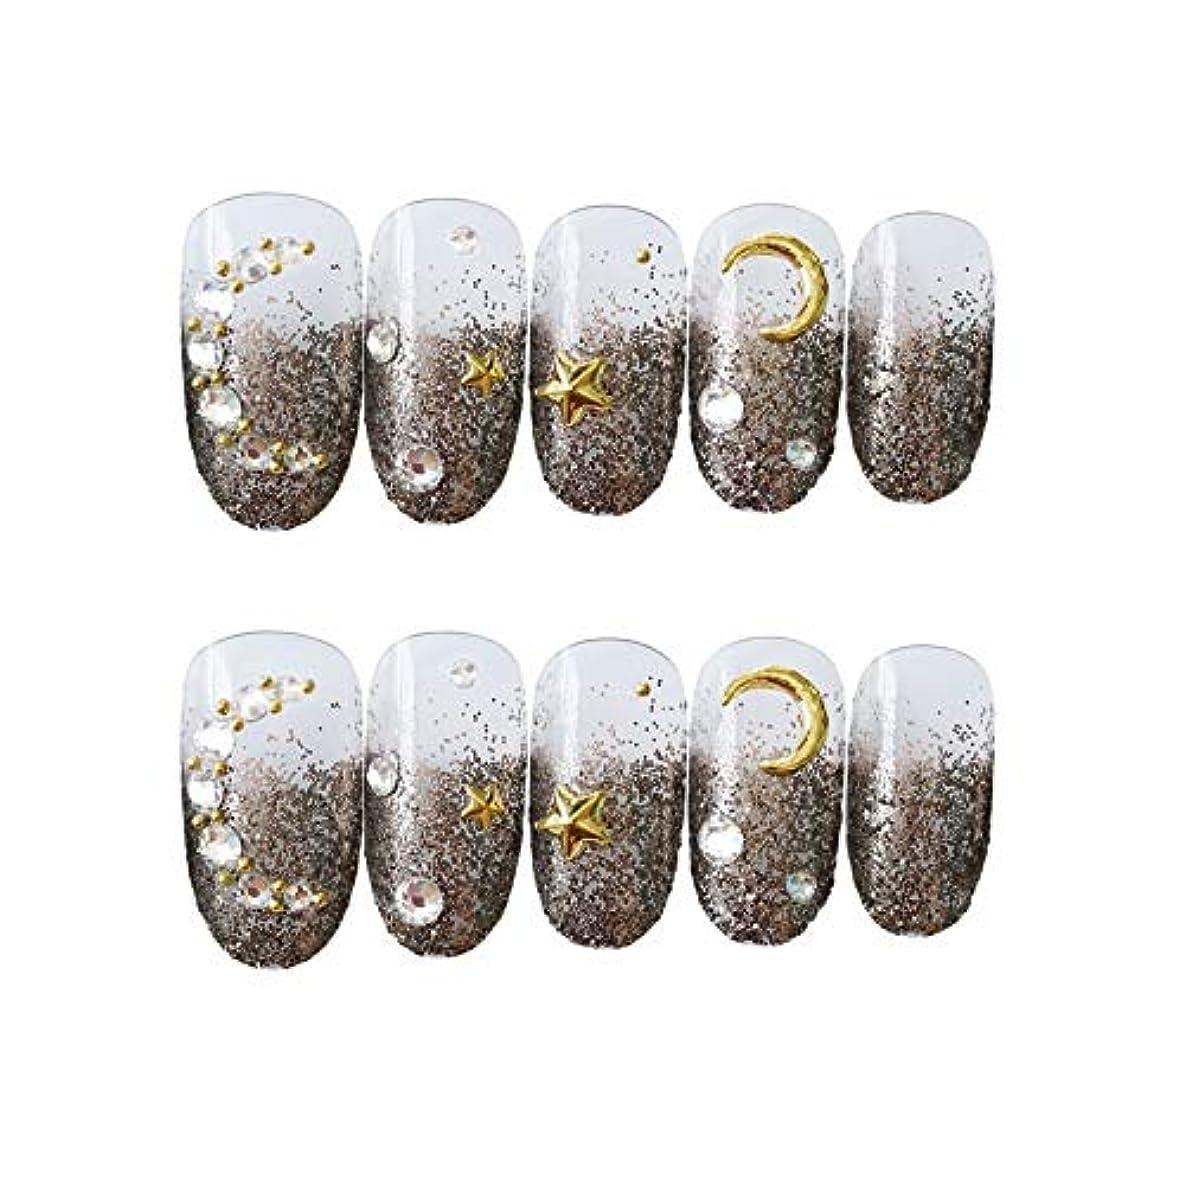 ハーフマオリ優しさNANNAN ネイルチップ 3D ネイルチップ 綺麗な飾り付け 24枚入 原宿 和風 夢幻 和装 手作りネイルチップ 結婚式ネイルチップ